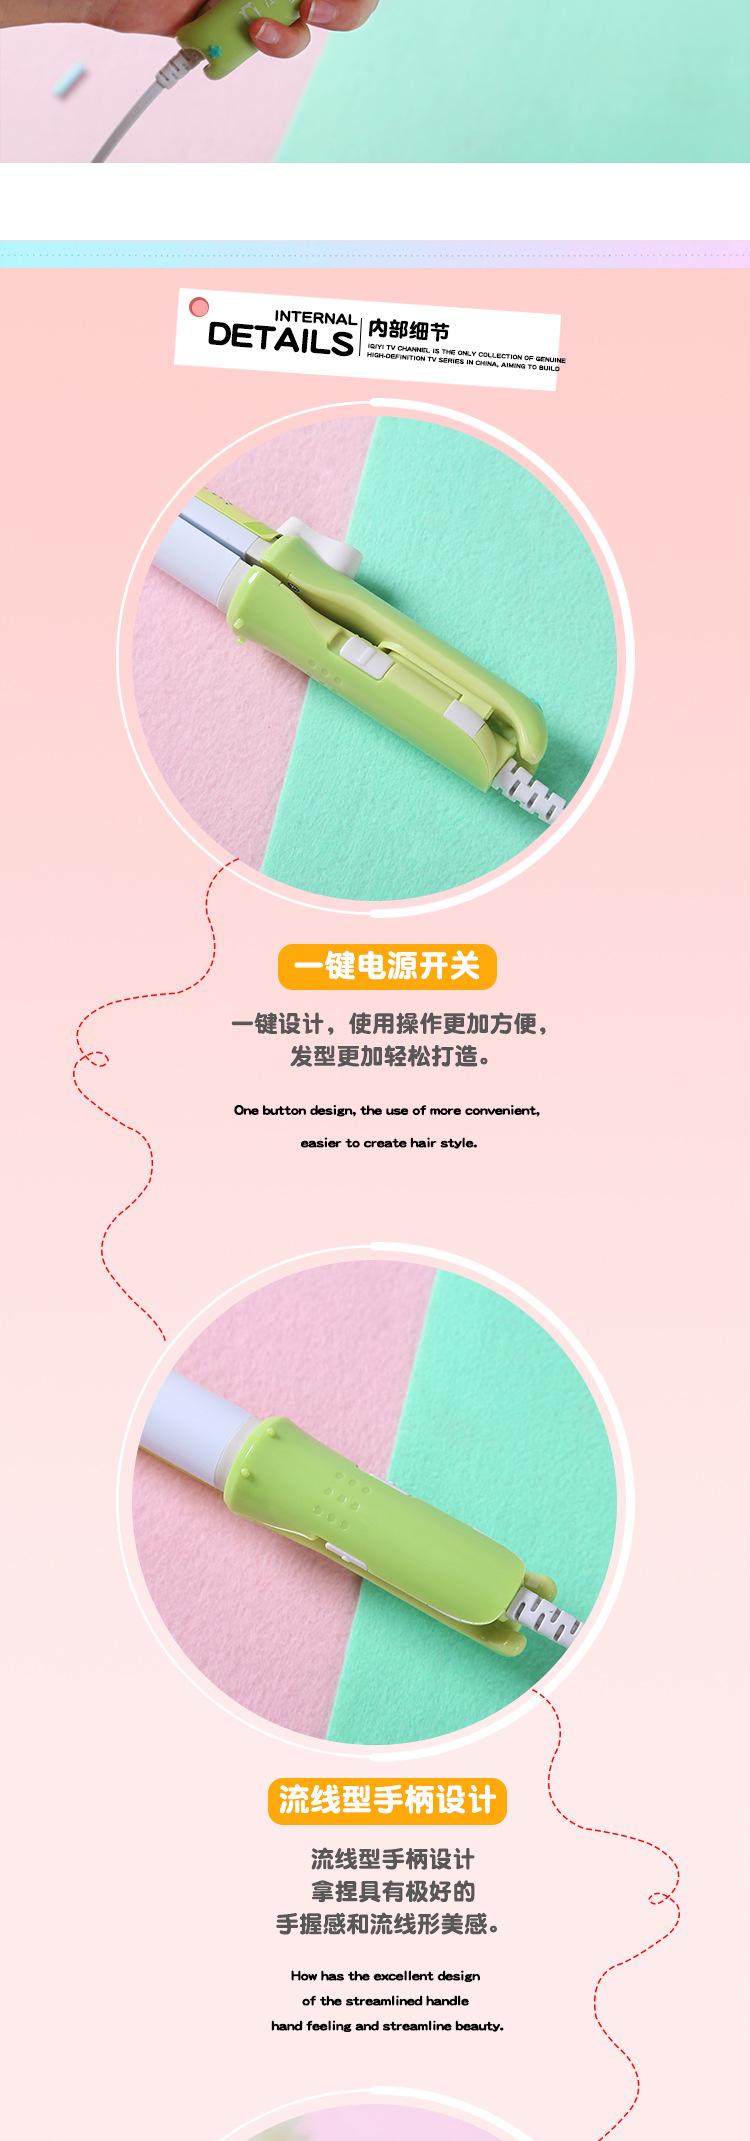 工場製の名ブランドフラットアイロンストレートヘアミニポータブル縮毛矯正と最低価格